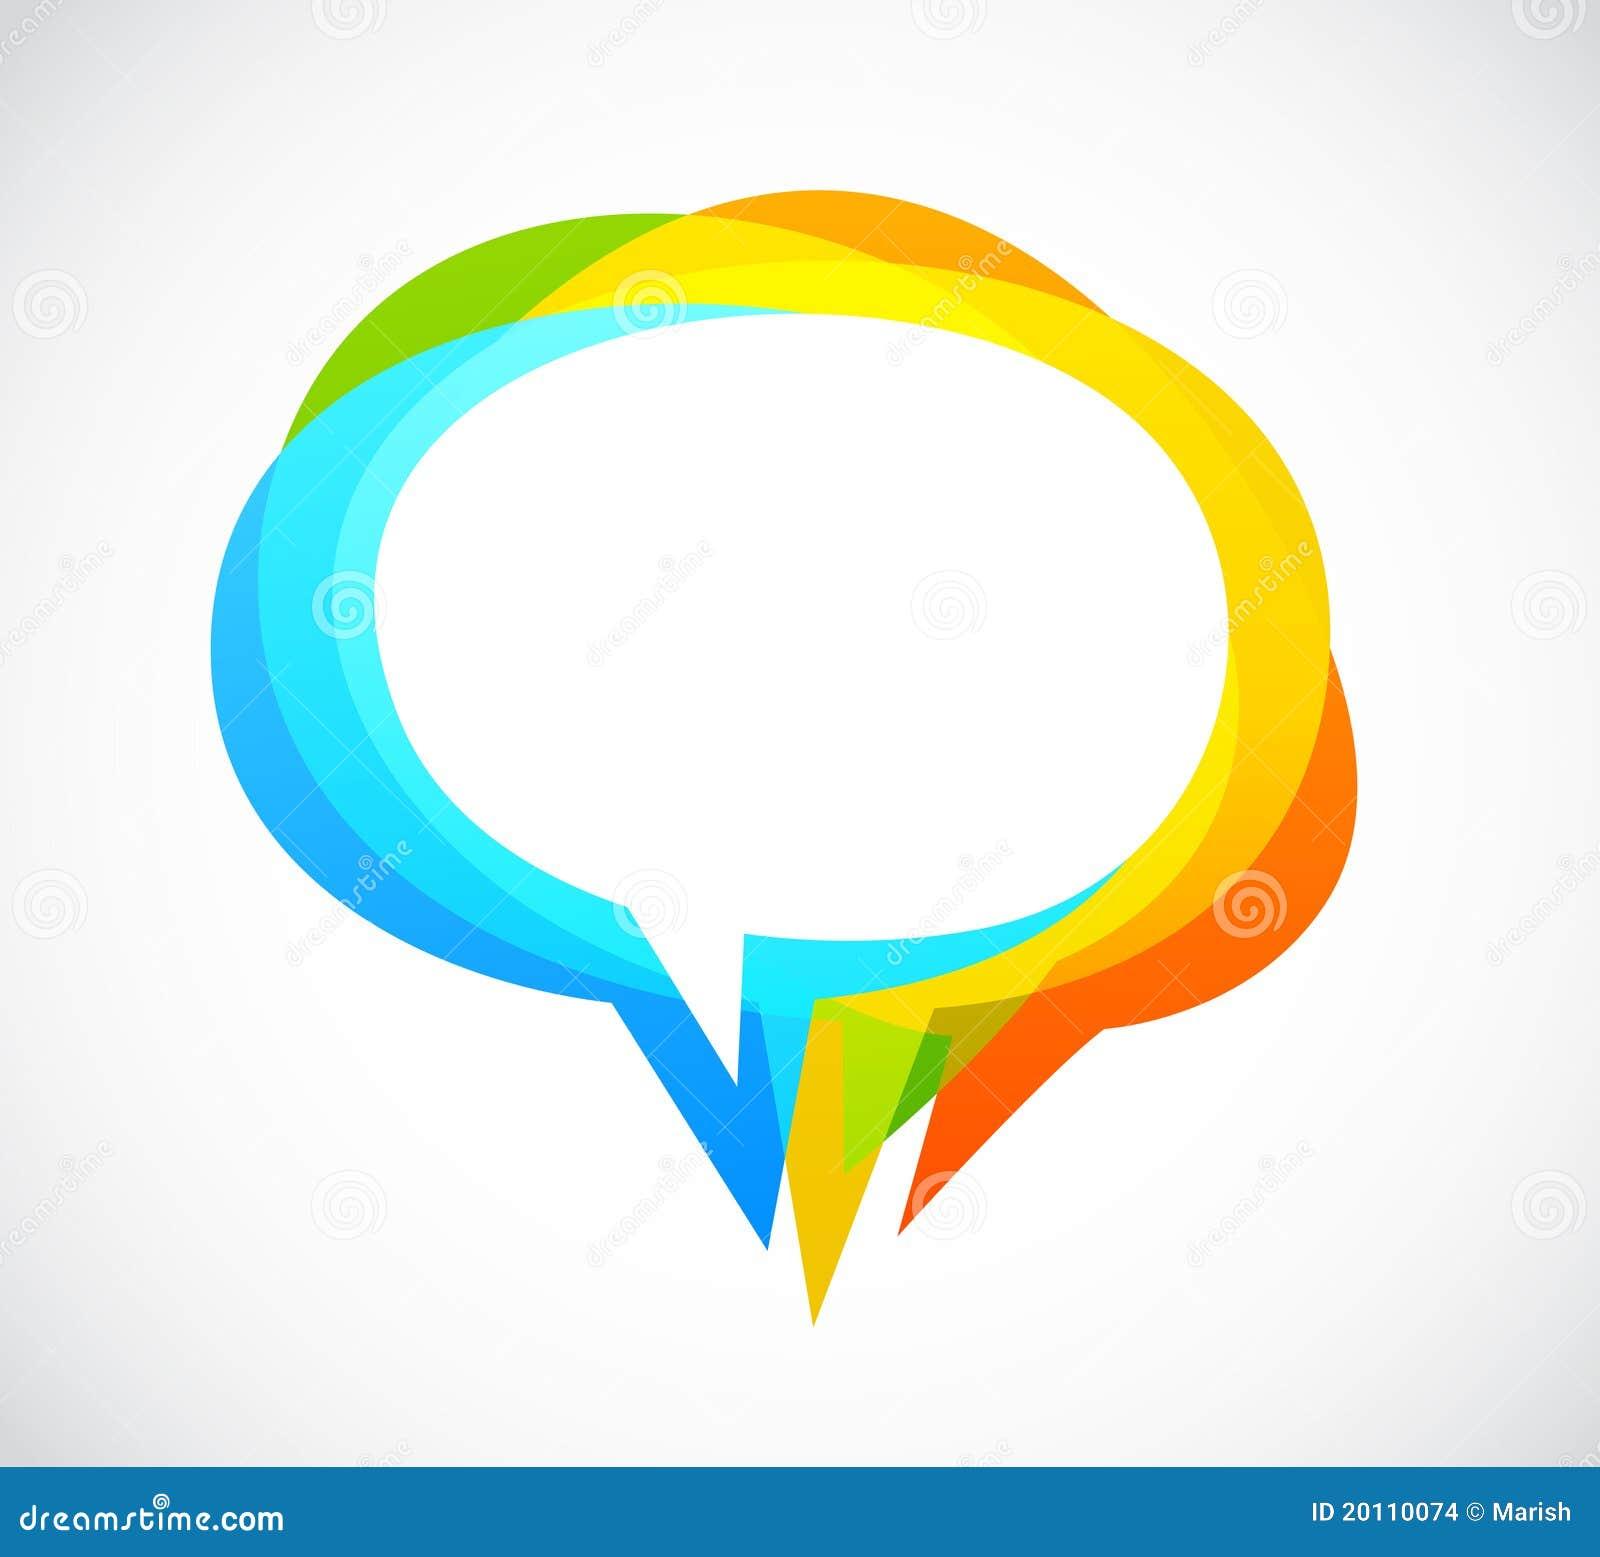 Burbuja del discurso - fondo abstracto colorido